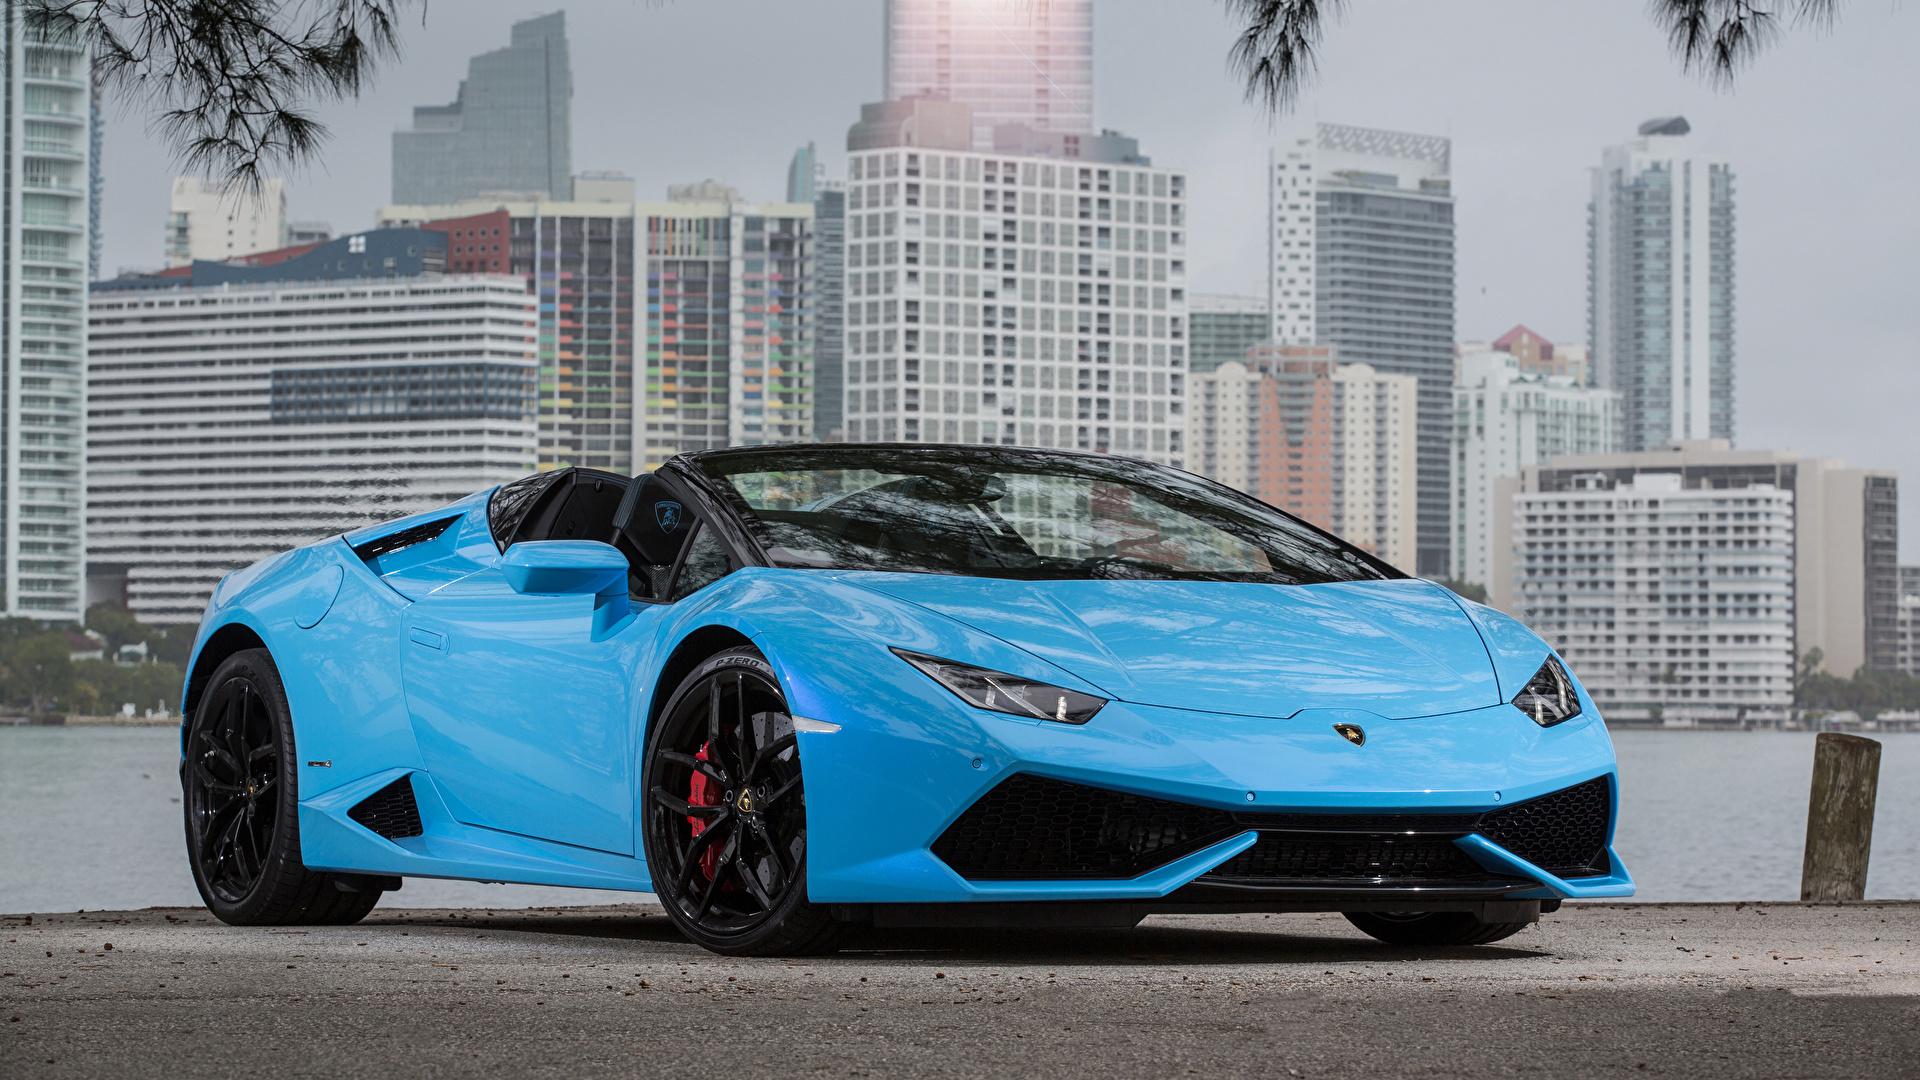 Фотографии Lamborghini 2015-19 Huracan LP 610-4 Spyder Worldwide Родстер голубая Металлик Автомобили 1920x1080 Ламборгини голубых голубые Голубой авто машина машины автомобиль